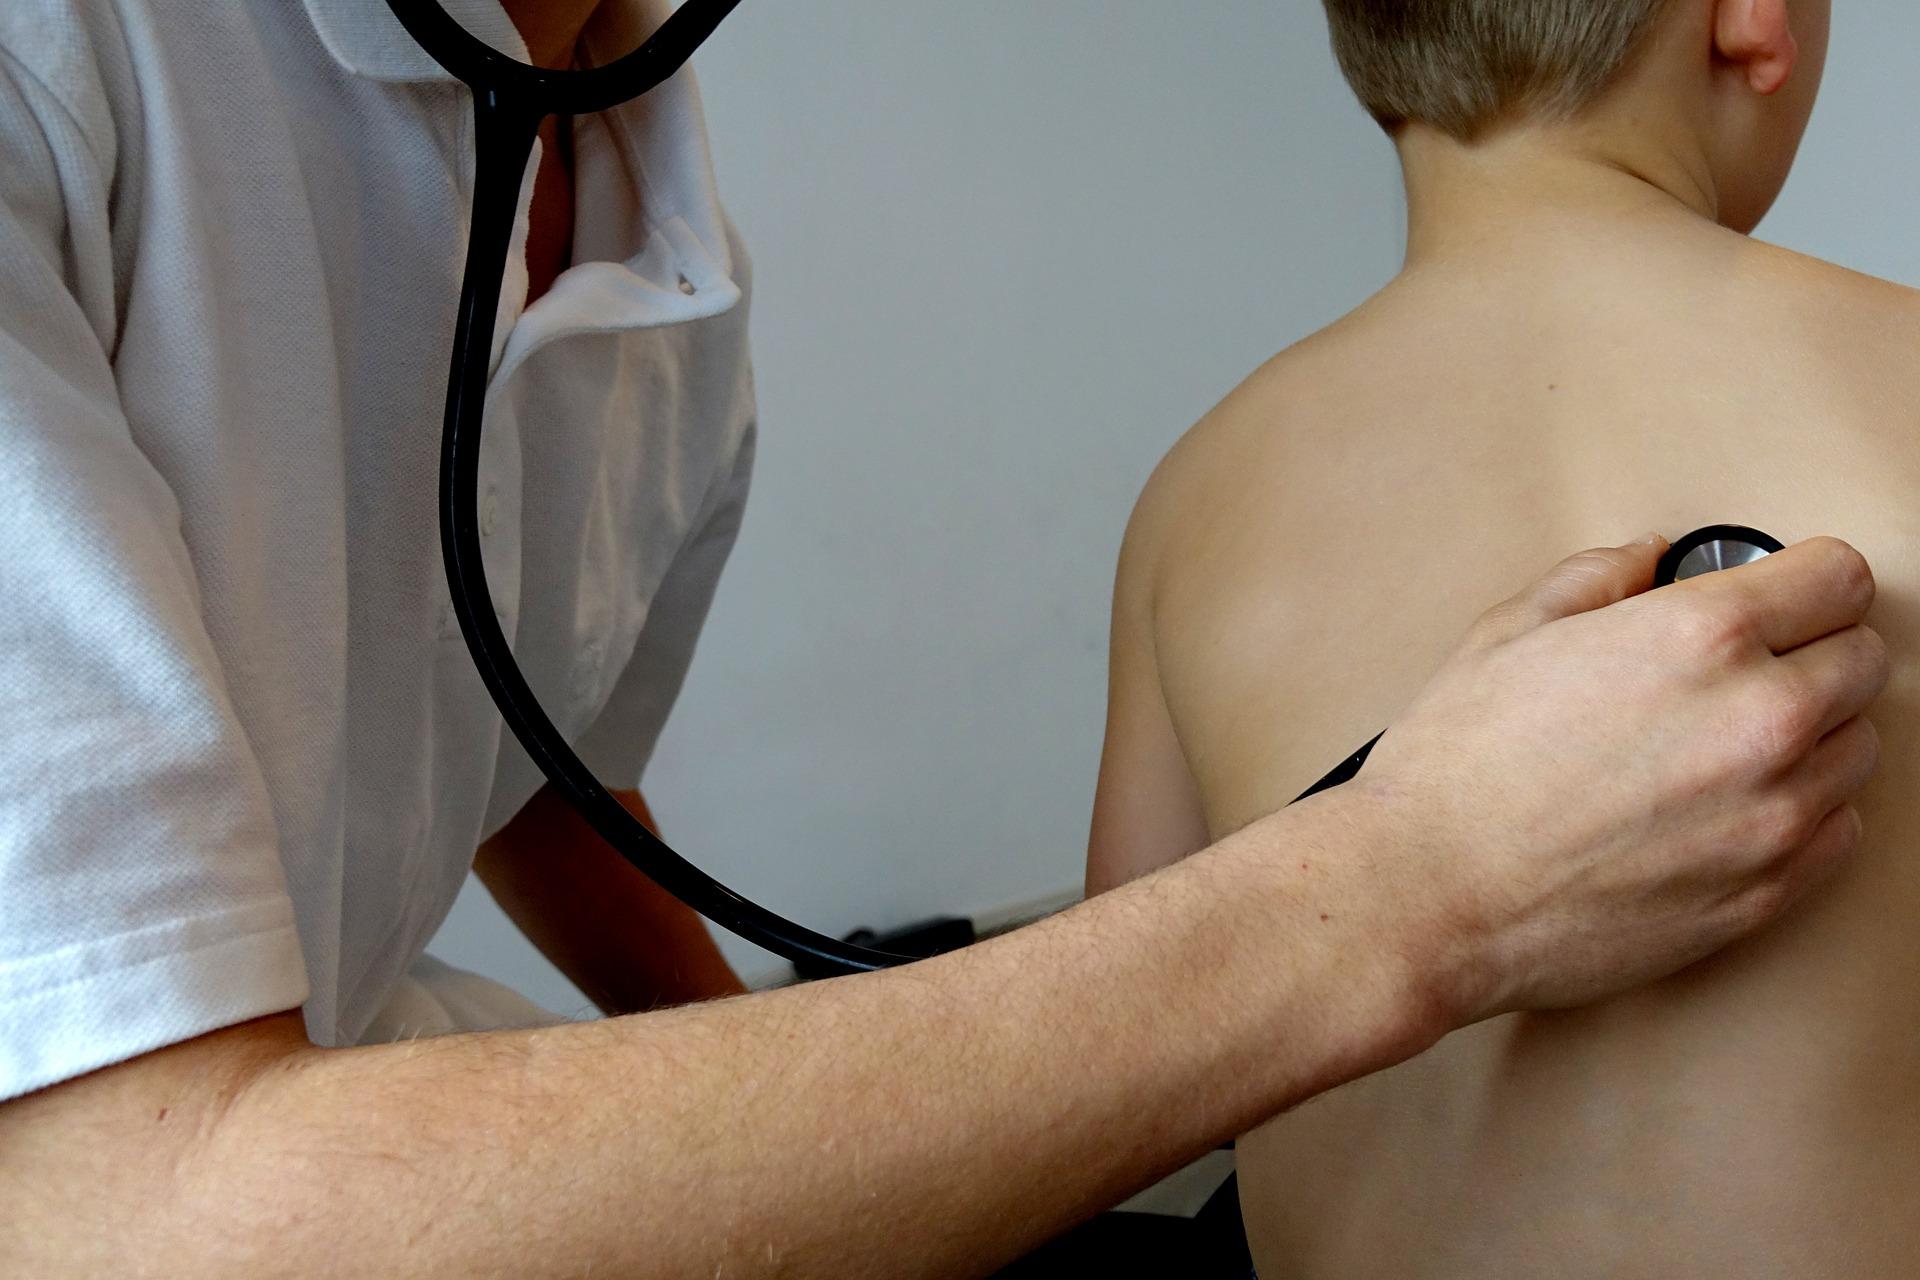 Articulațiile tuse când tușesc, Tusea persistentă: ce afecțiuni indică?